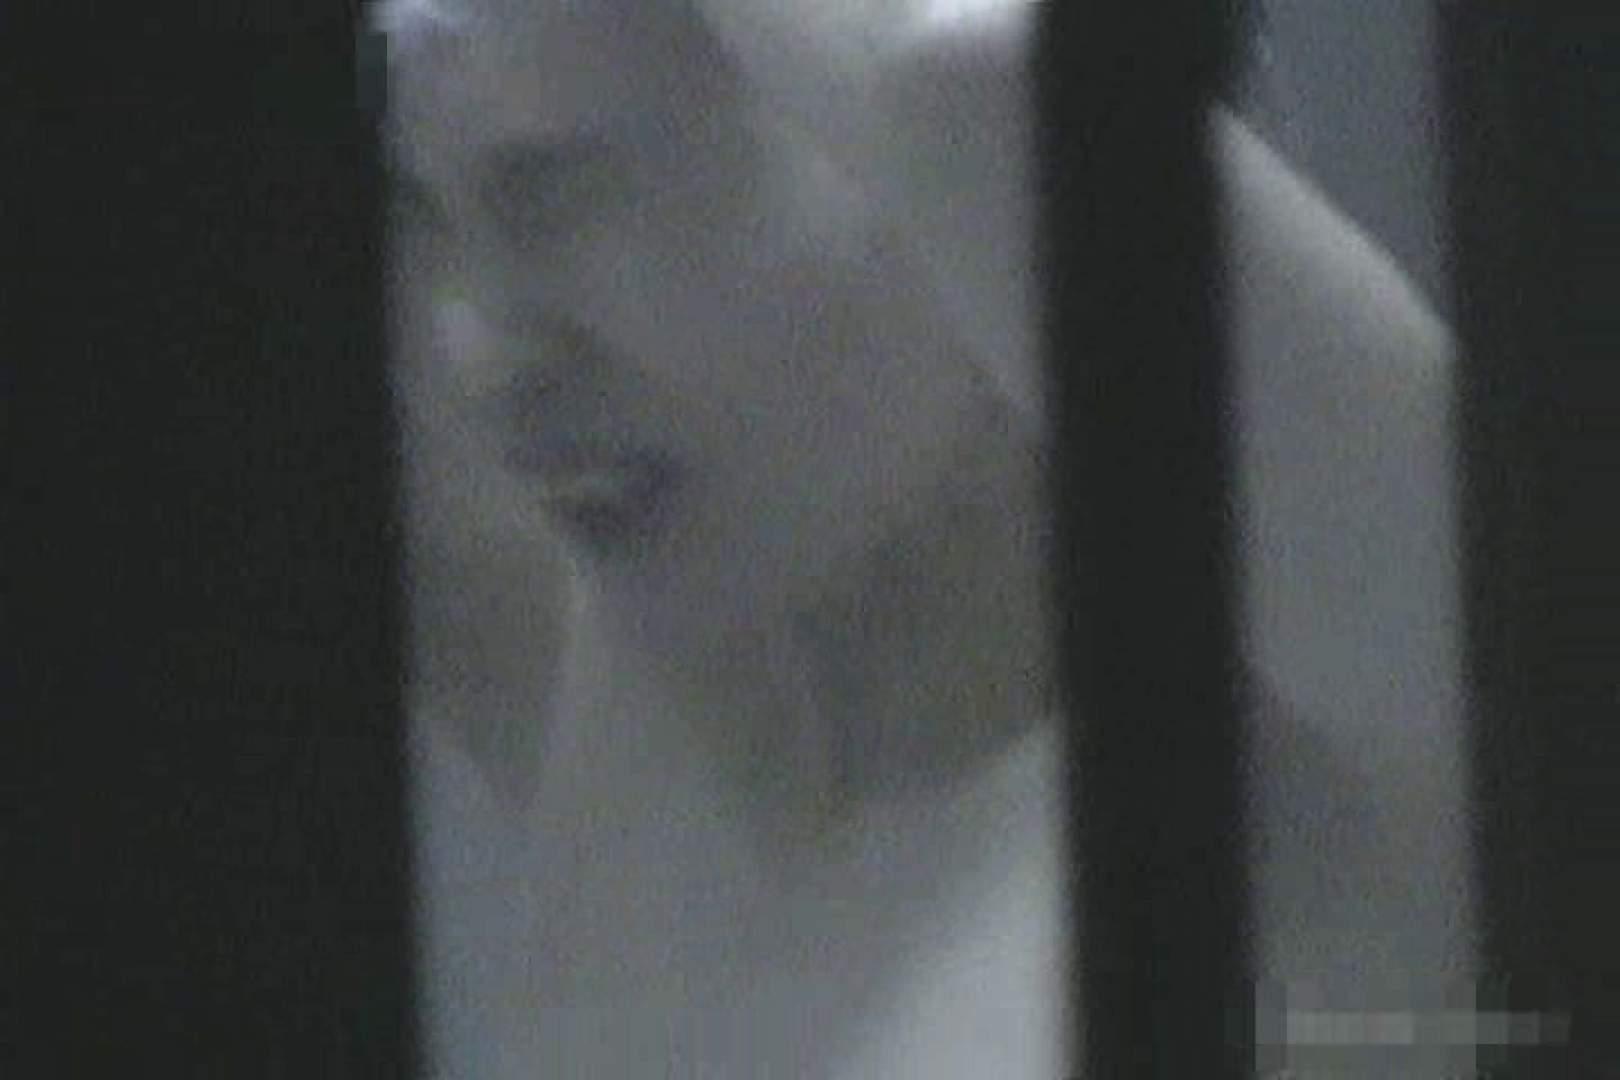 激撮ストーカー記録あなたのお宅拝見しますVol.6 盗撮 濡れ場動画紹介 85pic 74